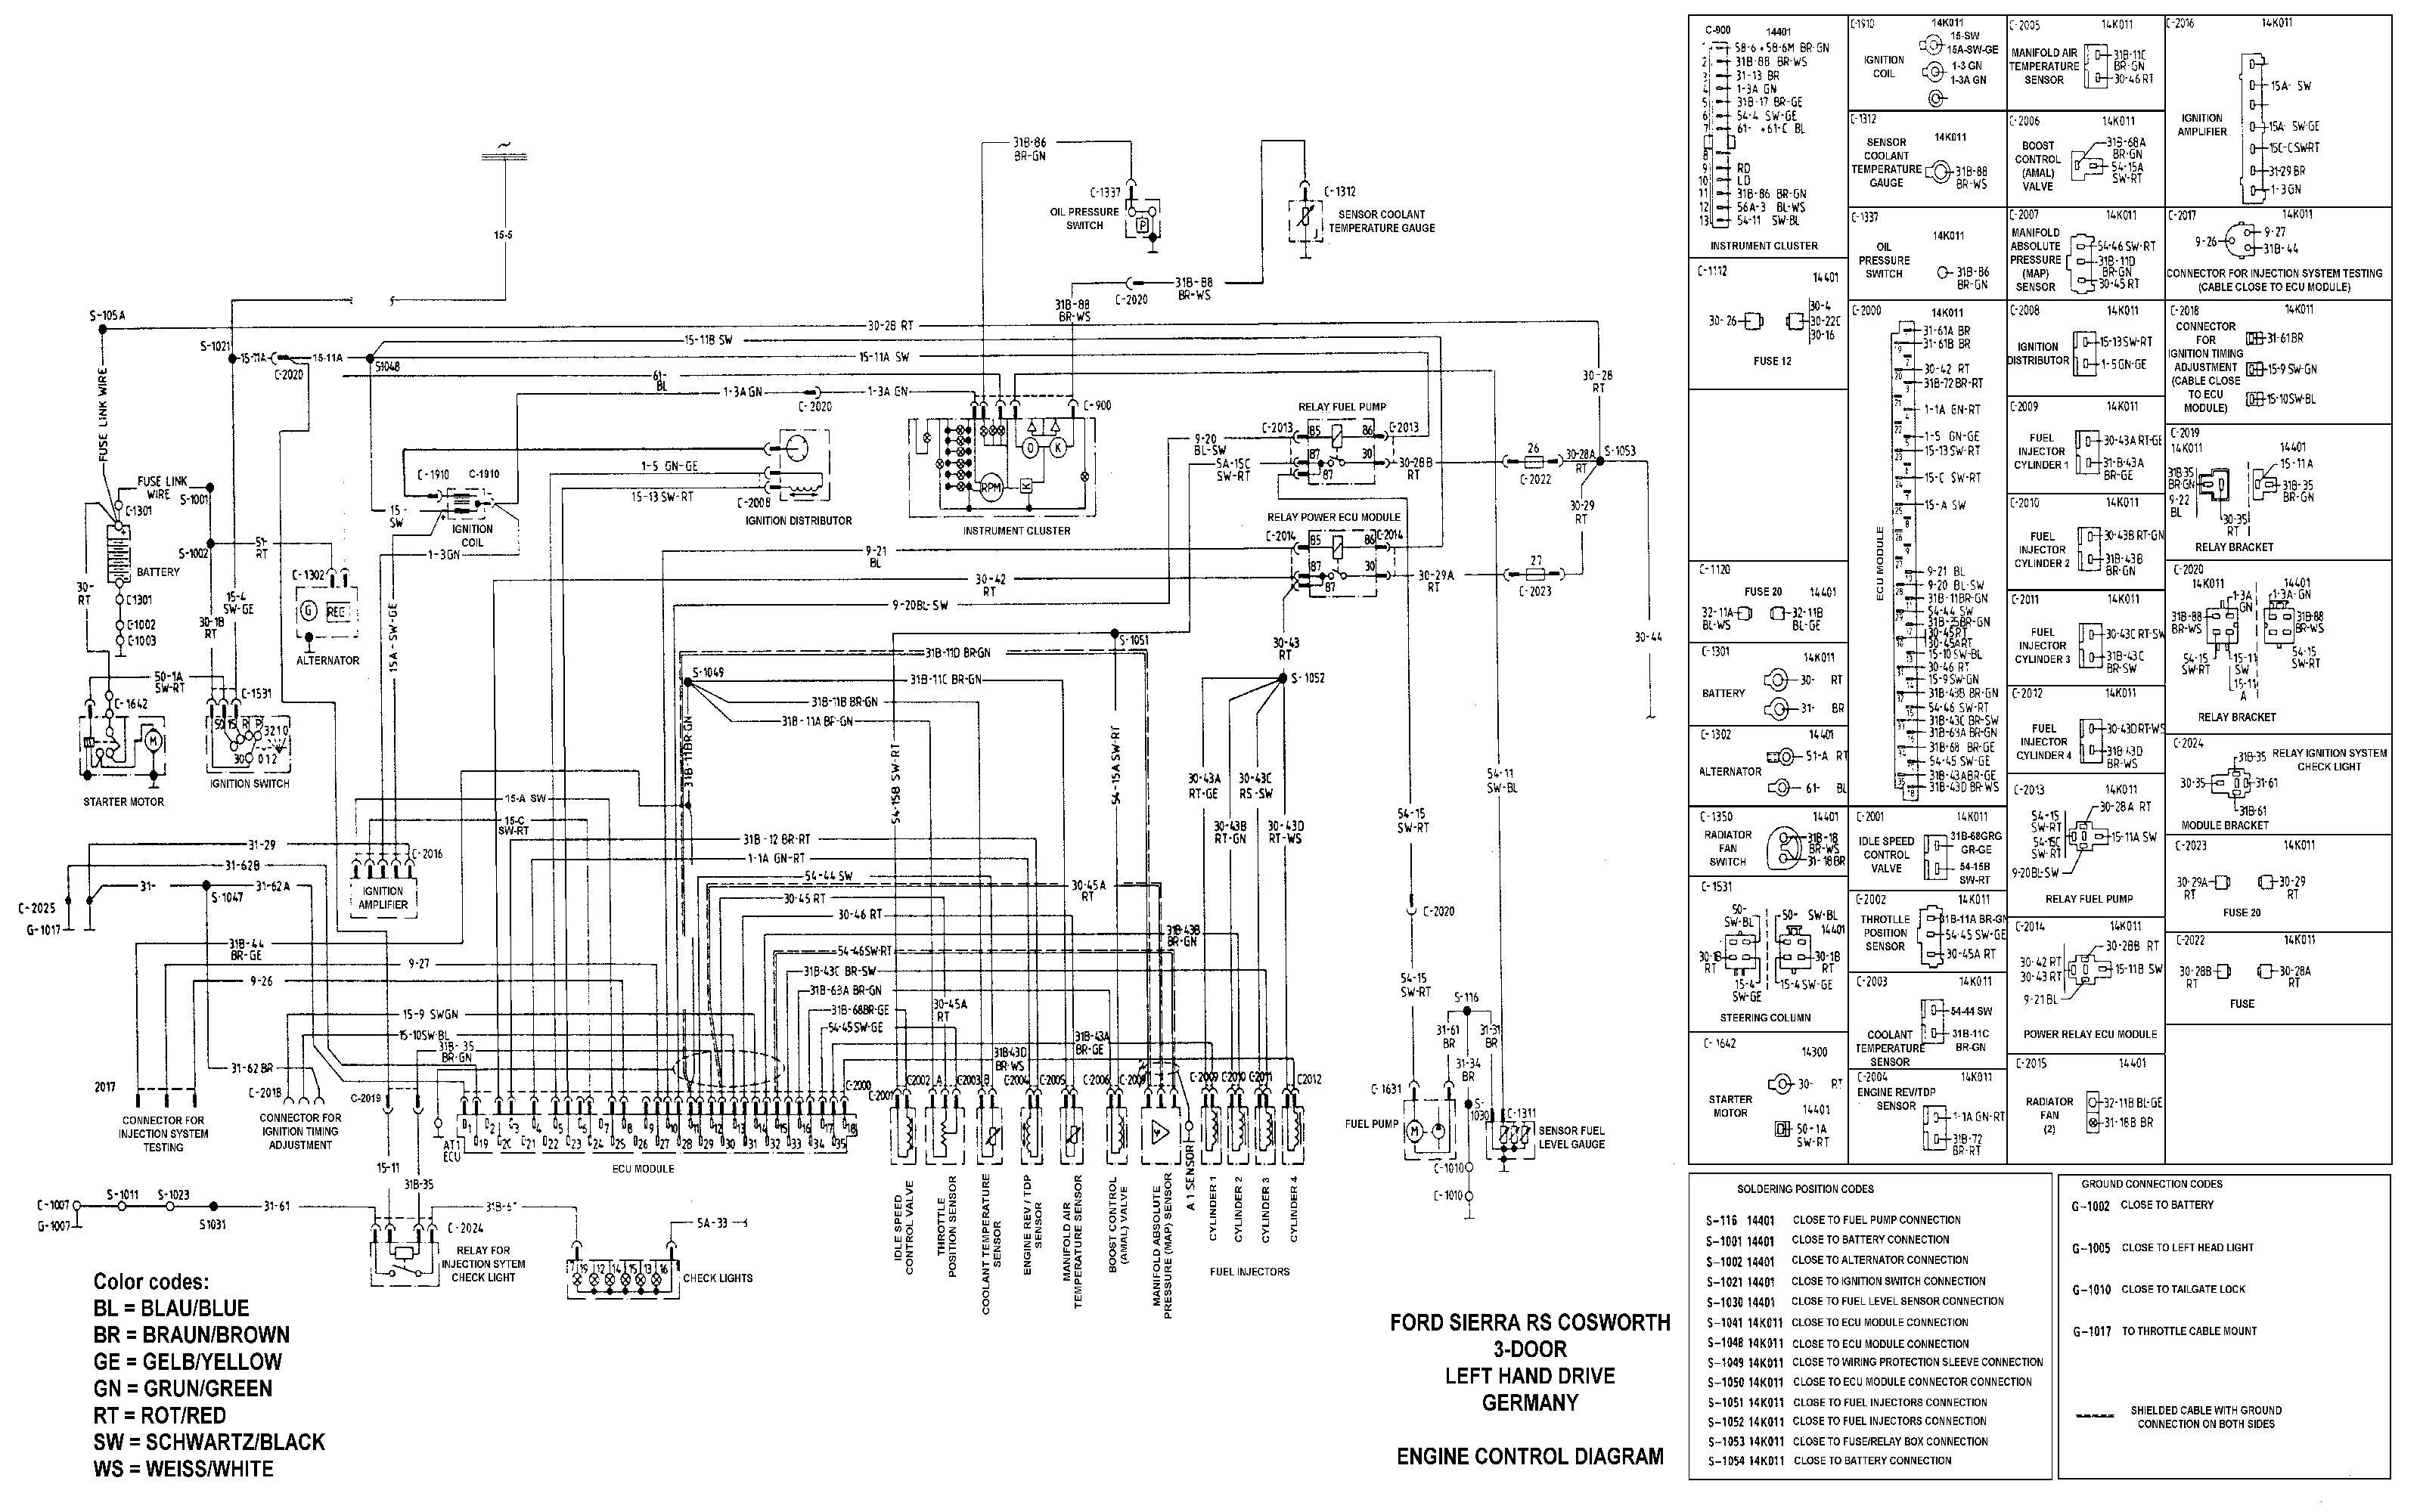 ford fiesta wiring diagram mk4 wiring diagram splitford ka wiring diagram pdf wiring diagram mega ford